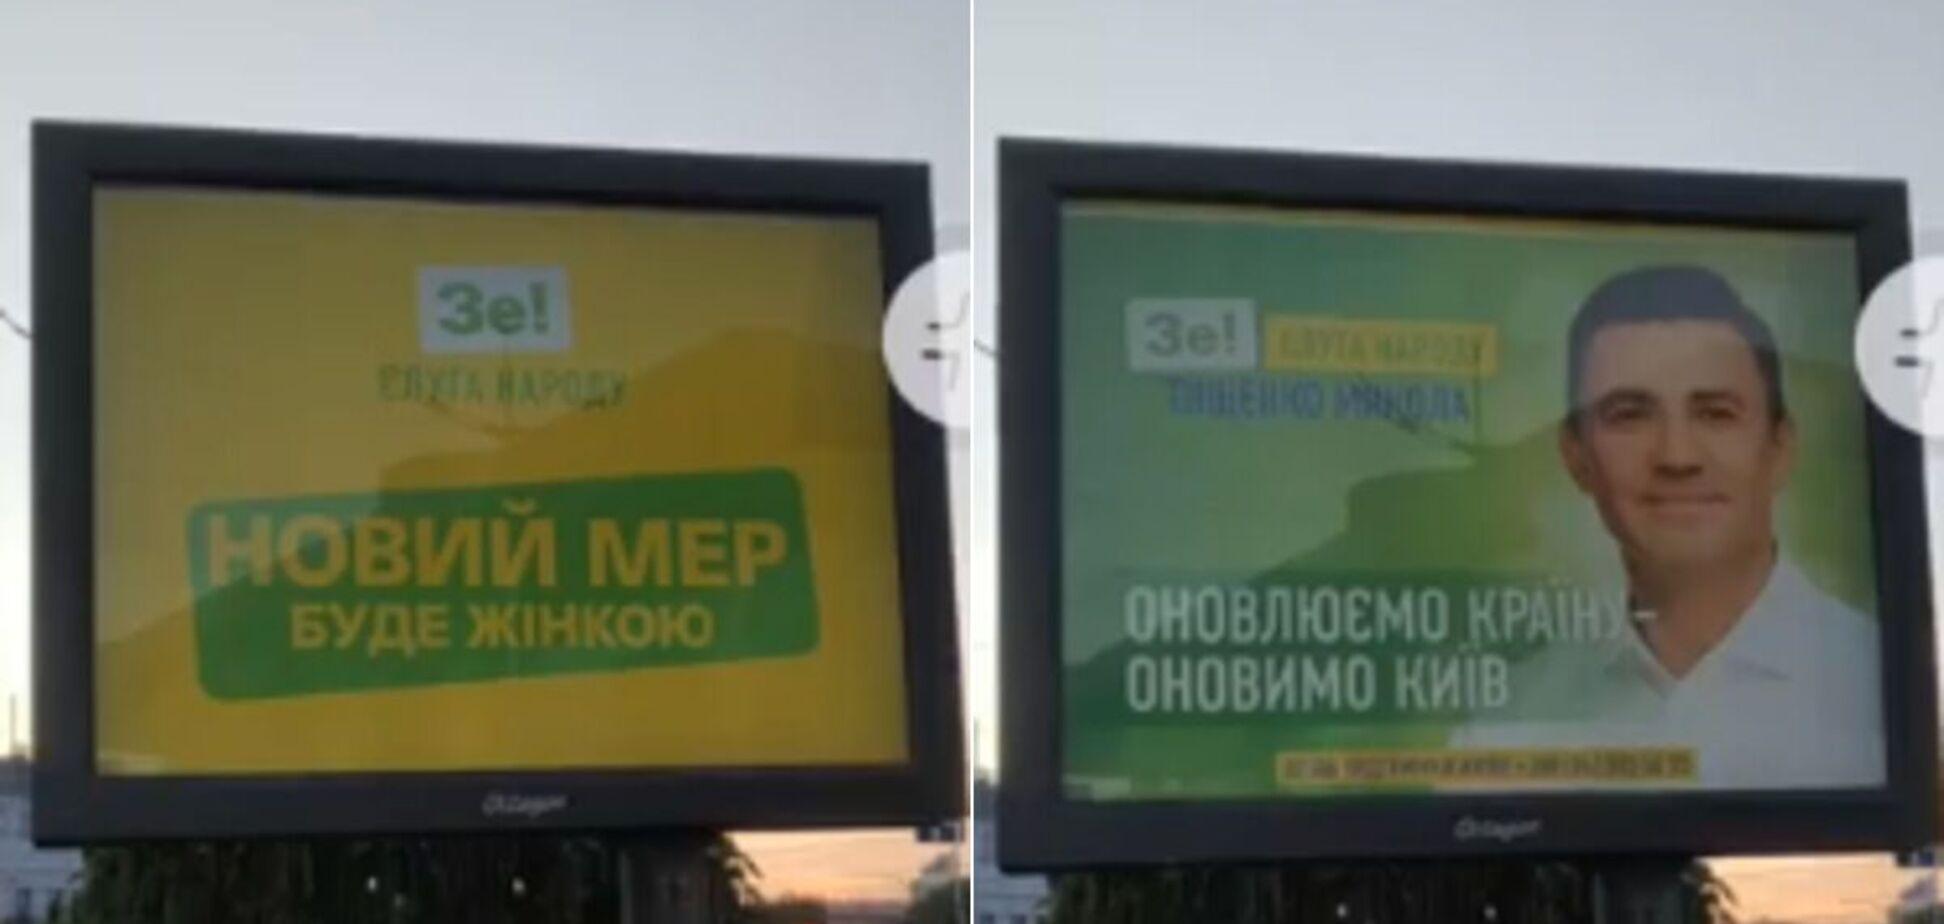 'Ляп' партії 'Слуга народу' перед виборами мера Києва